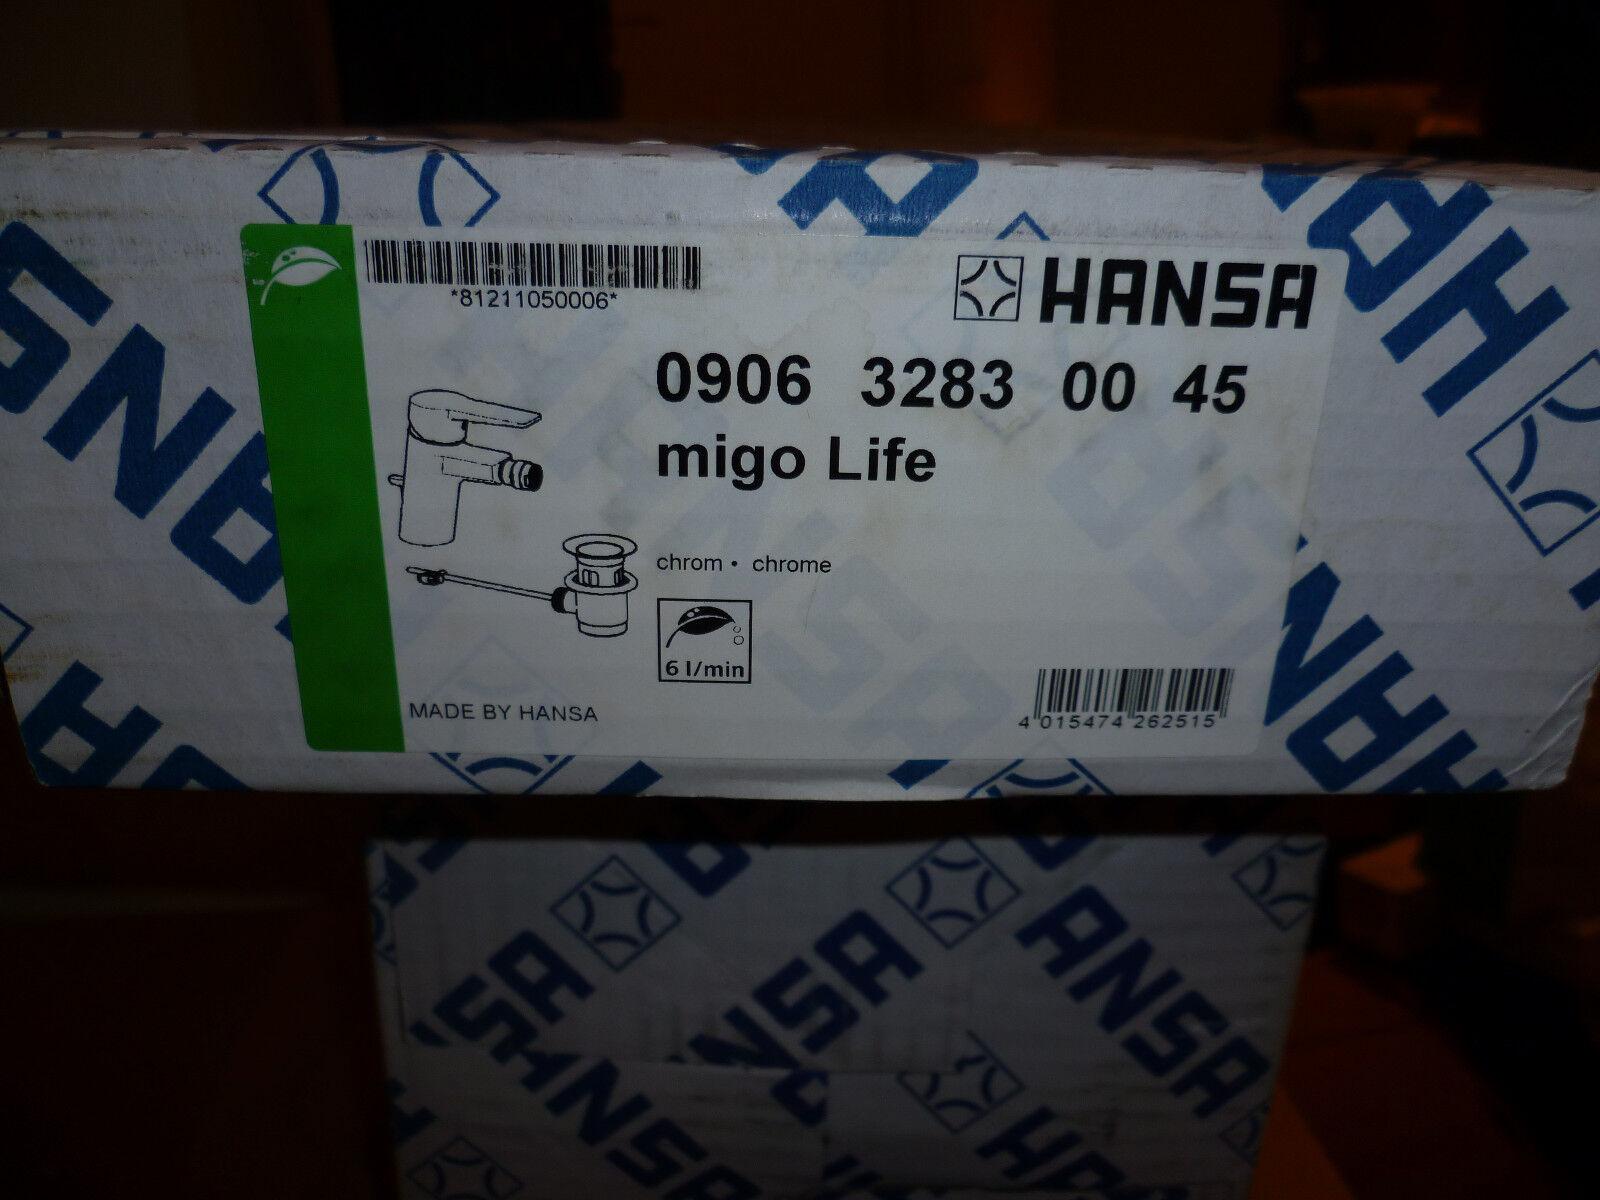 HANSA TWIST BIDETARMATUR CHROM 0906.3283